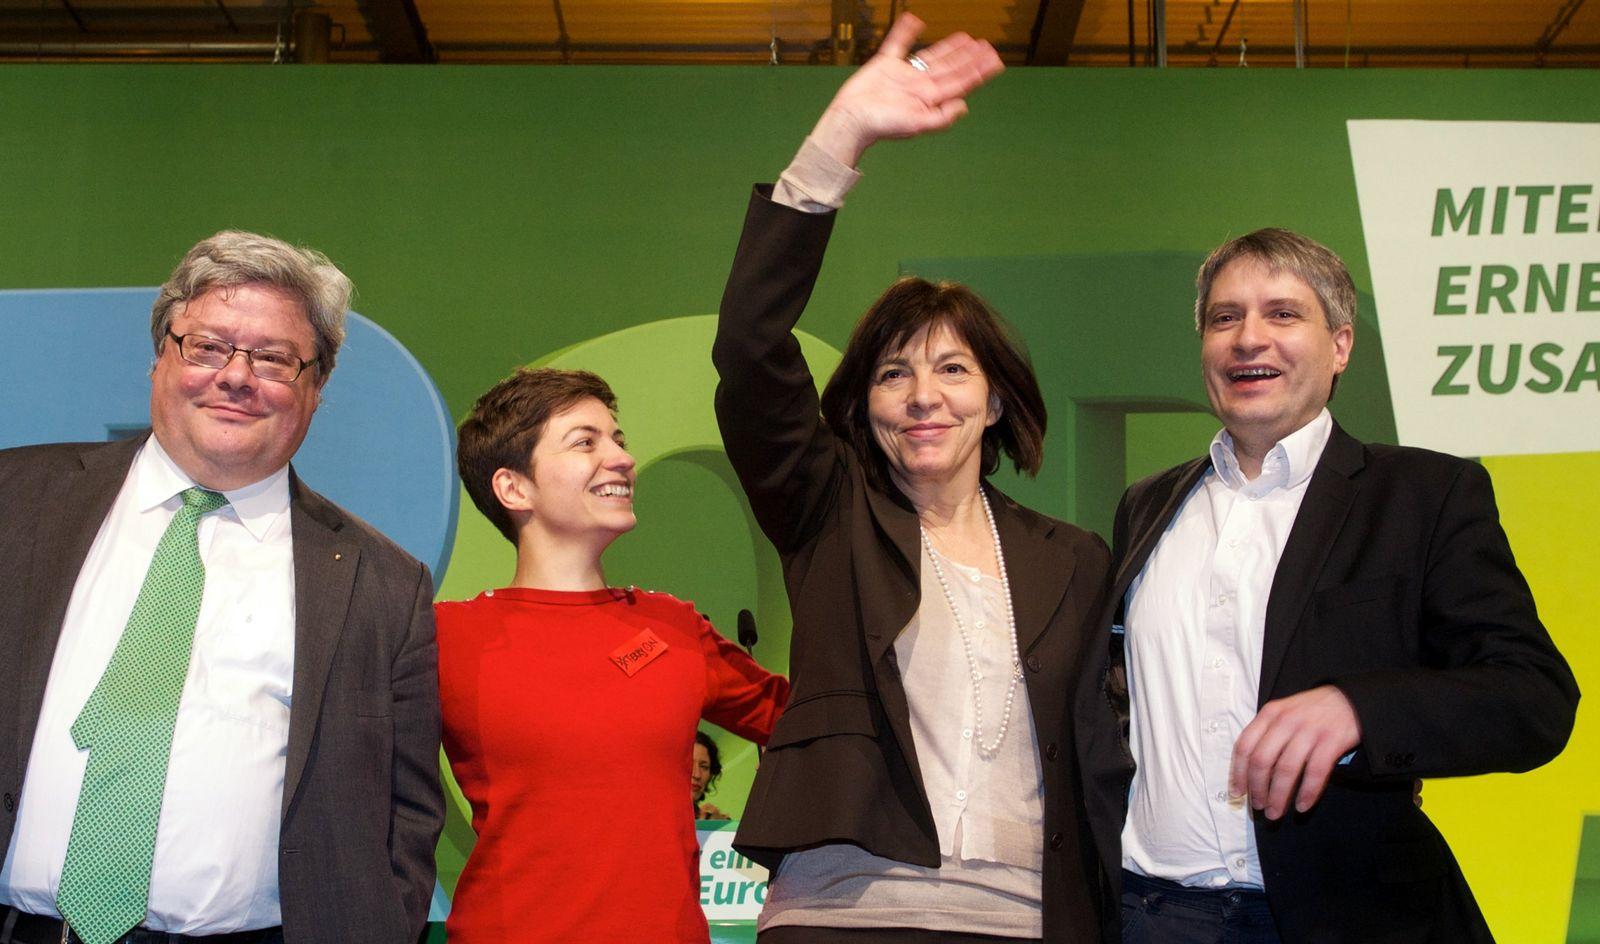 Bundesparteitag der Grünen in Dresden